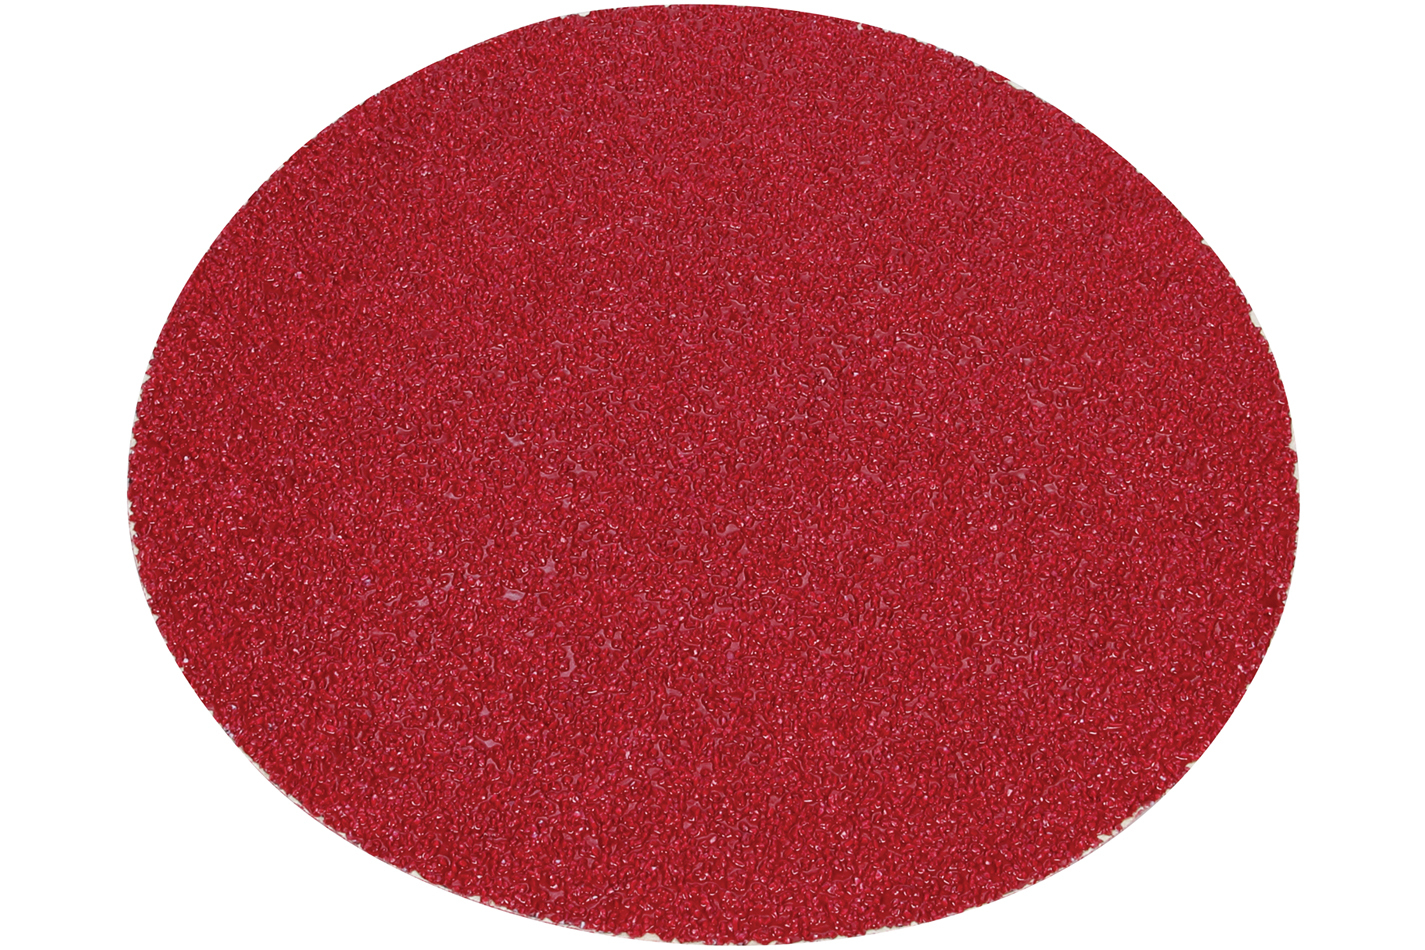 Allstar Performance Sanding Discs 8in 24 Grit 5pk